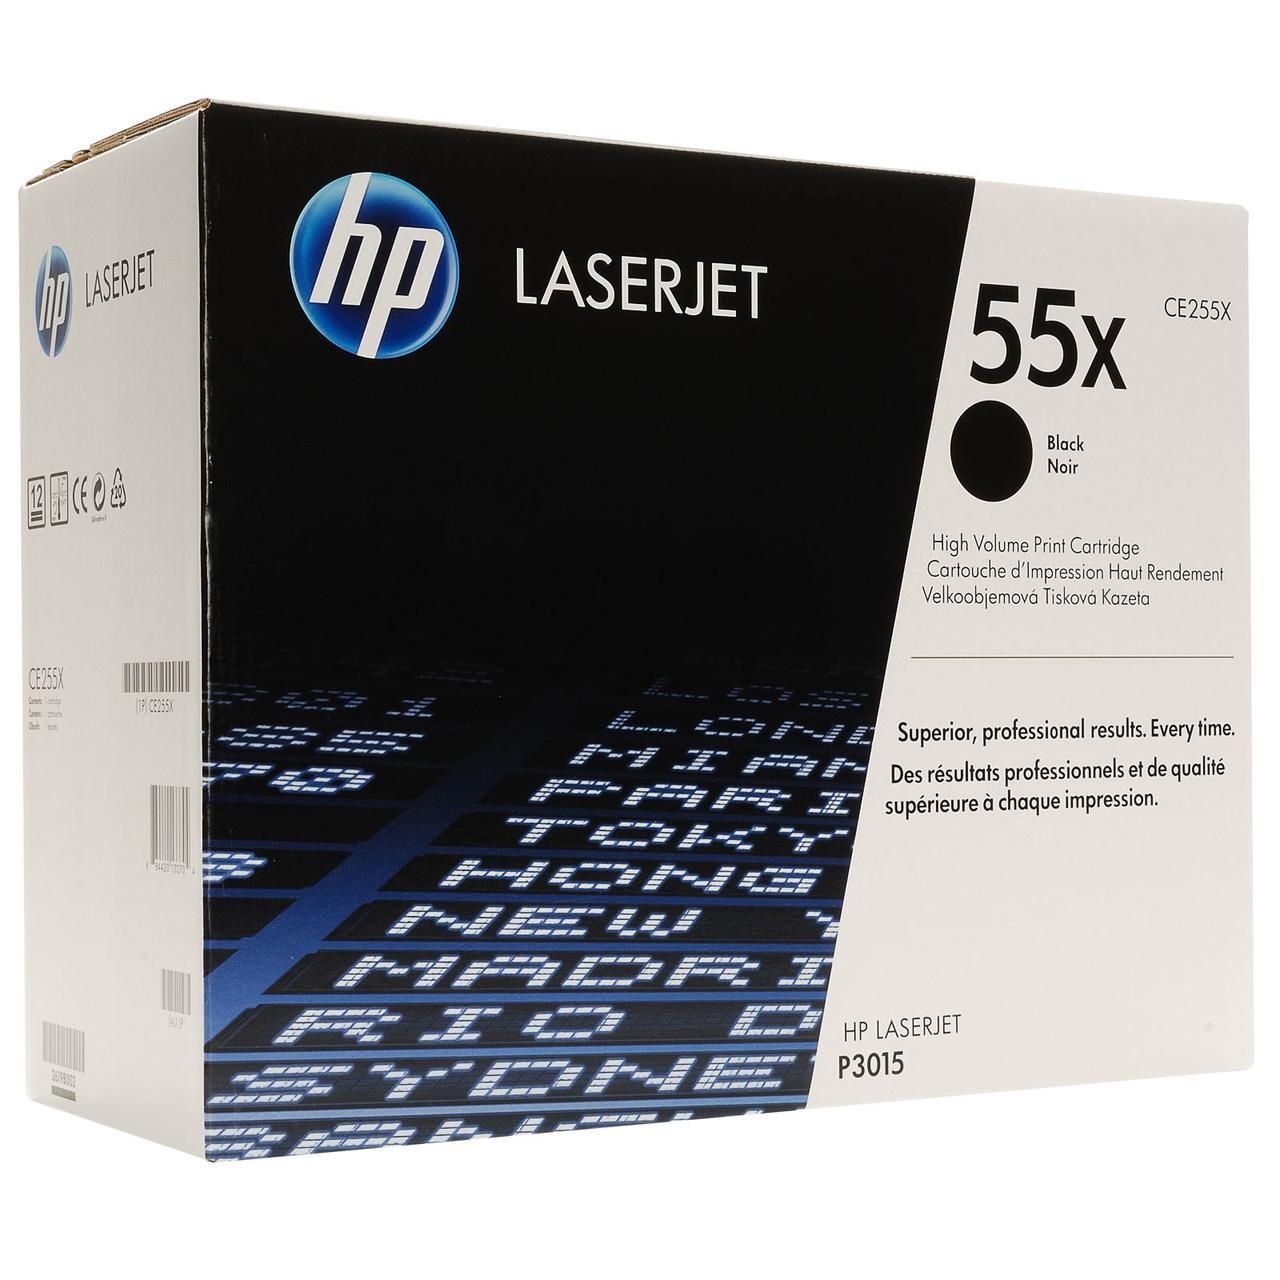 Картридж HP 55X для LJ P3015, Black (CE255X)